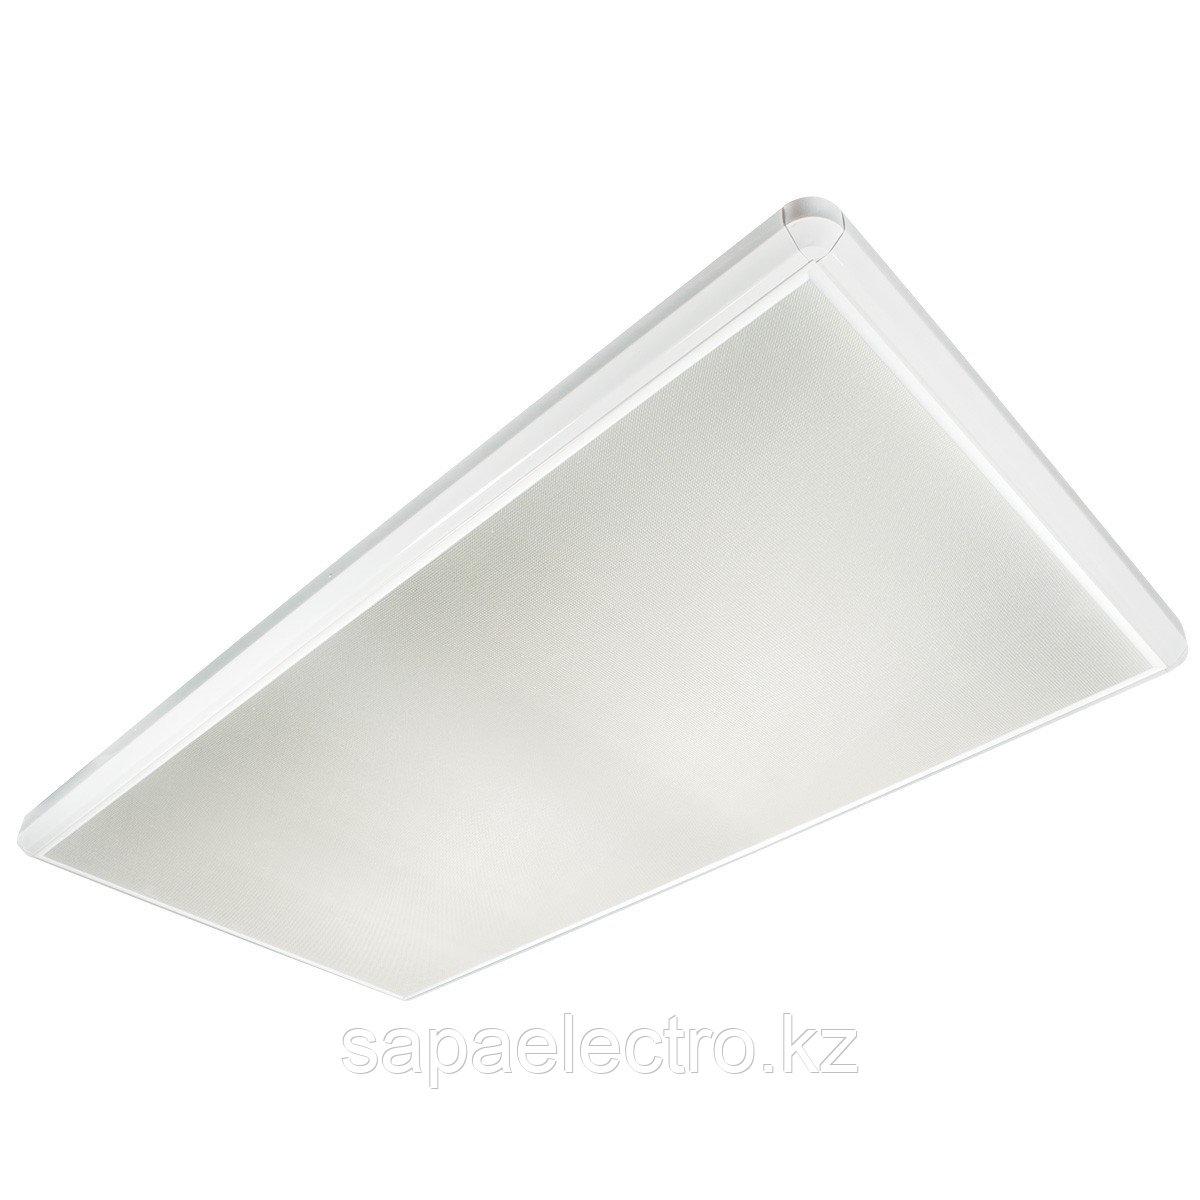 Св-к OPALLED 10X9W/LZN 418 DETAY накл-й MEGALUX